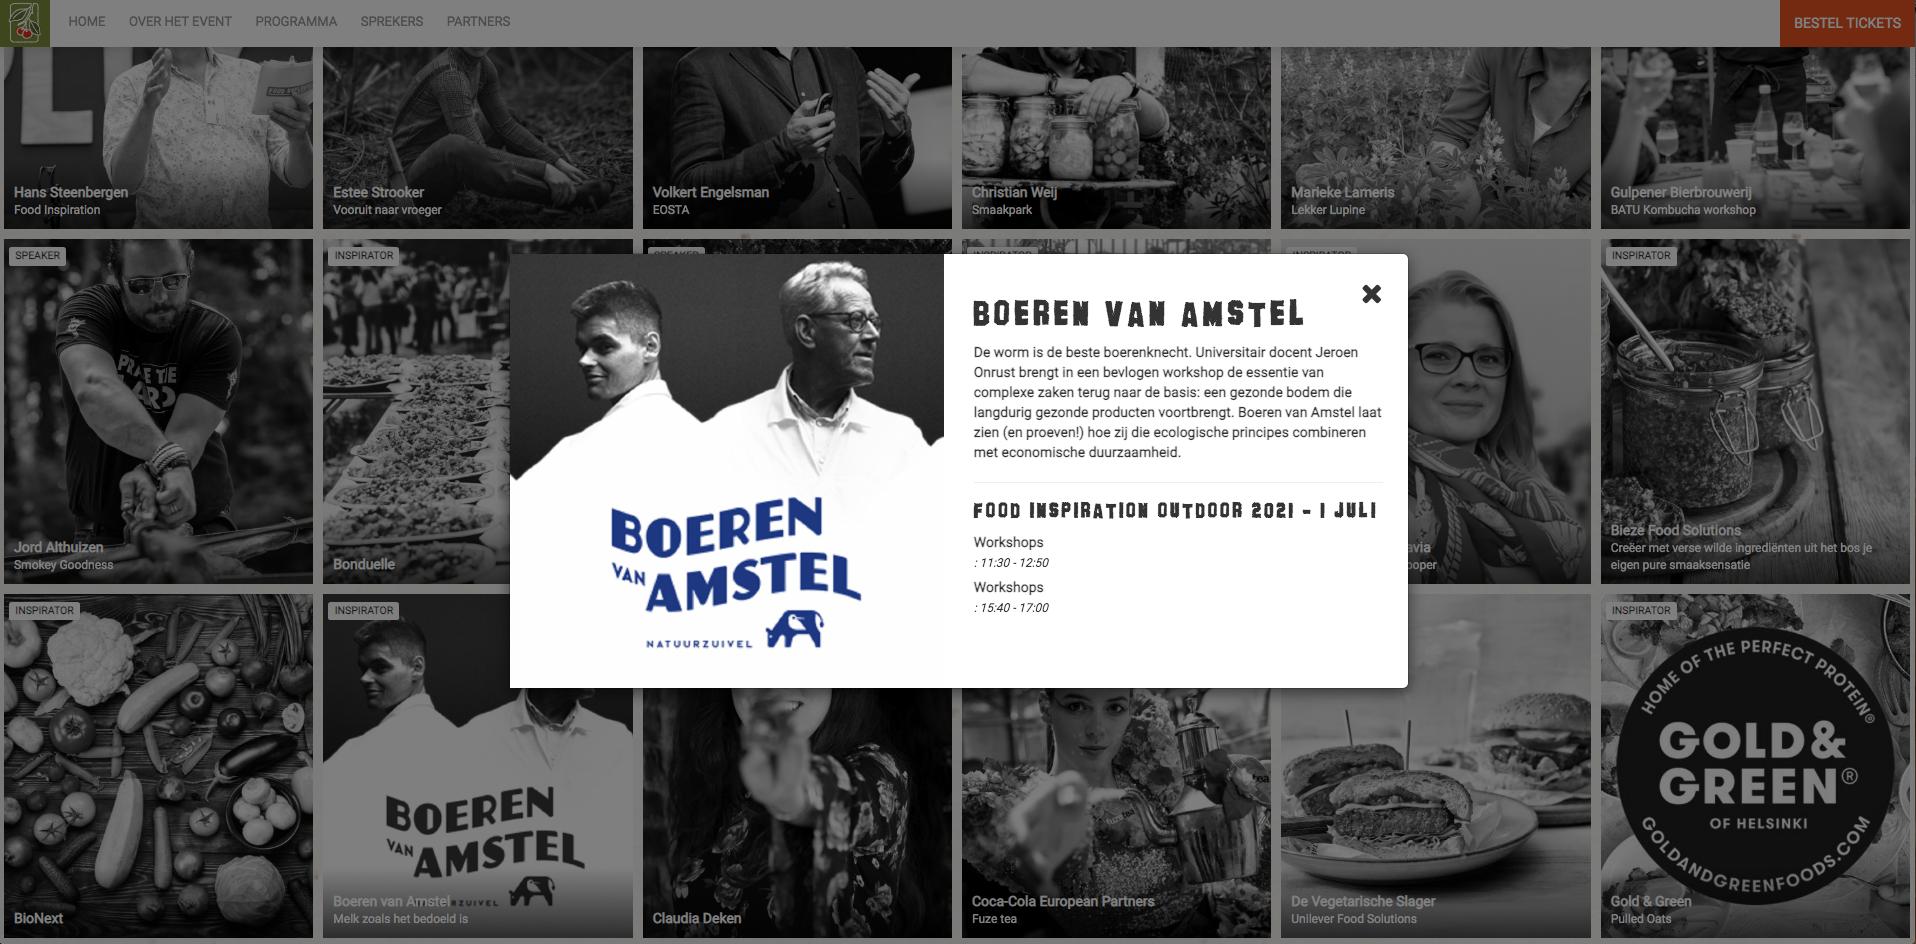 https://www.boerenvanamstel.nl/wp-content/uploads/2021/06/Schermafbeelding-2021-06-22-om-12.01.41.png